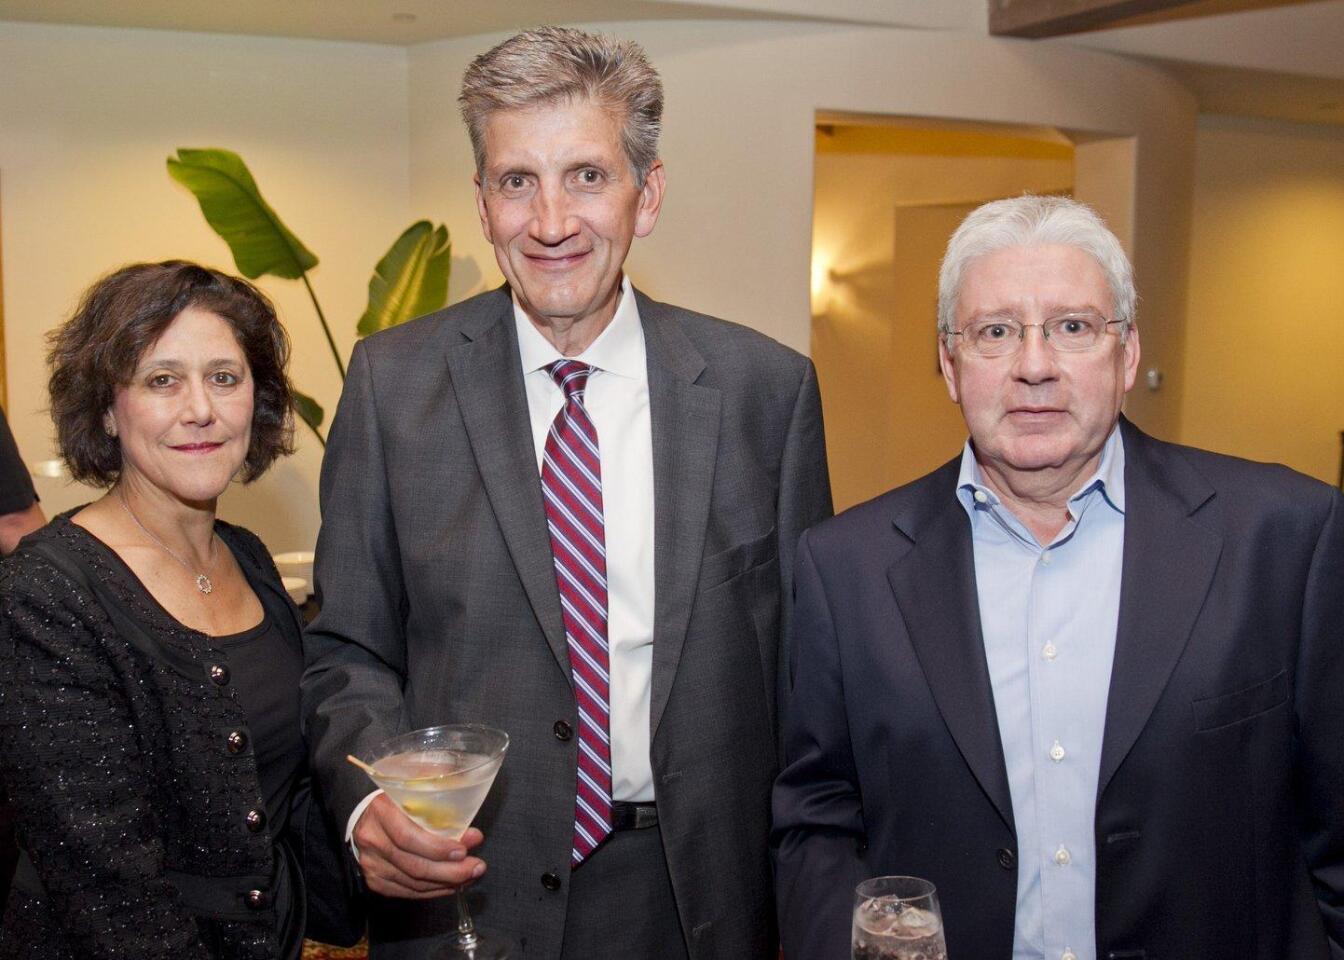 Mary and Anthony Alario, Bill Danola